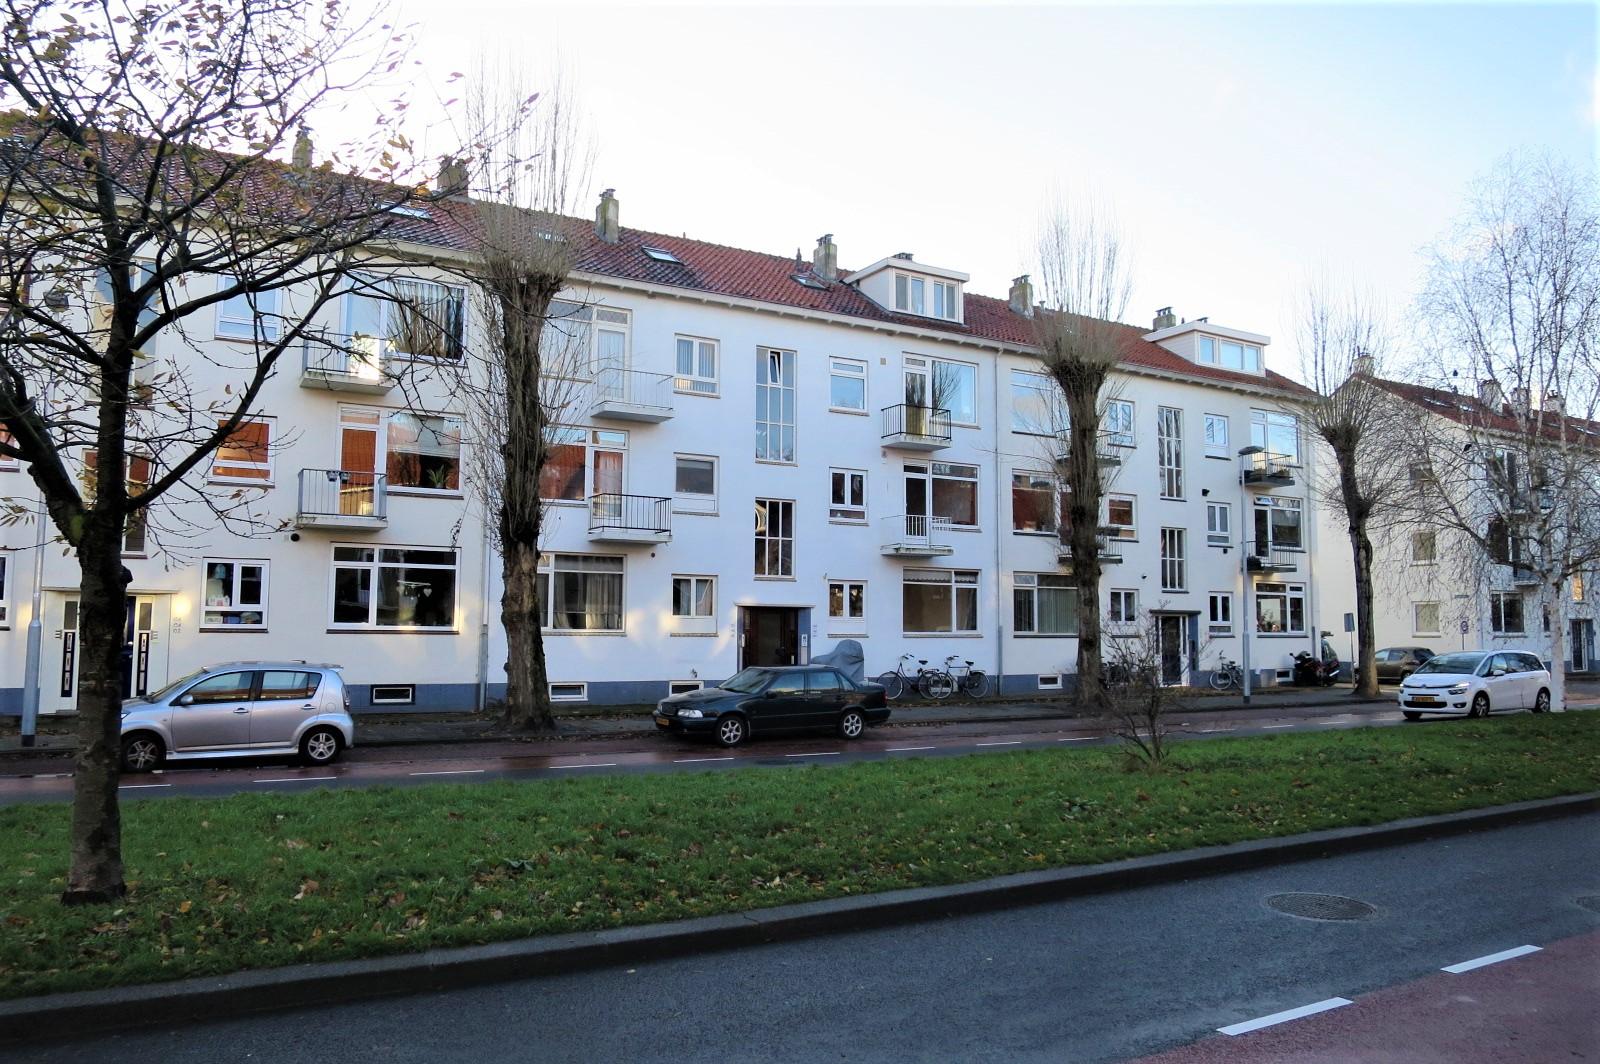 Eksterlaan, Haarlem